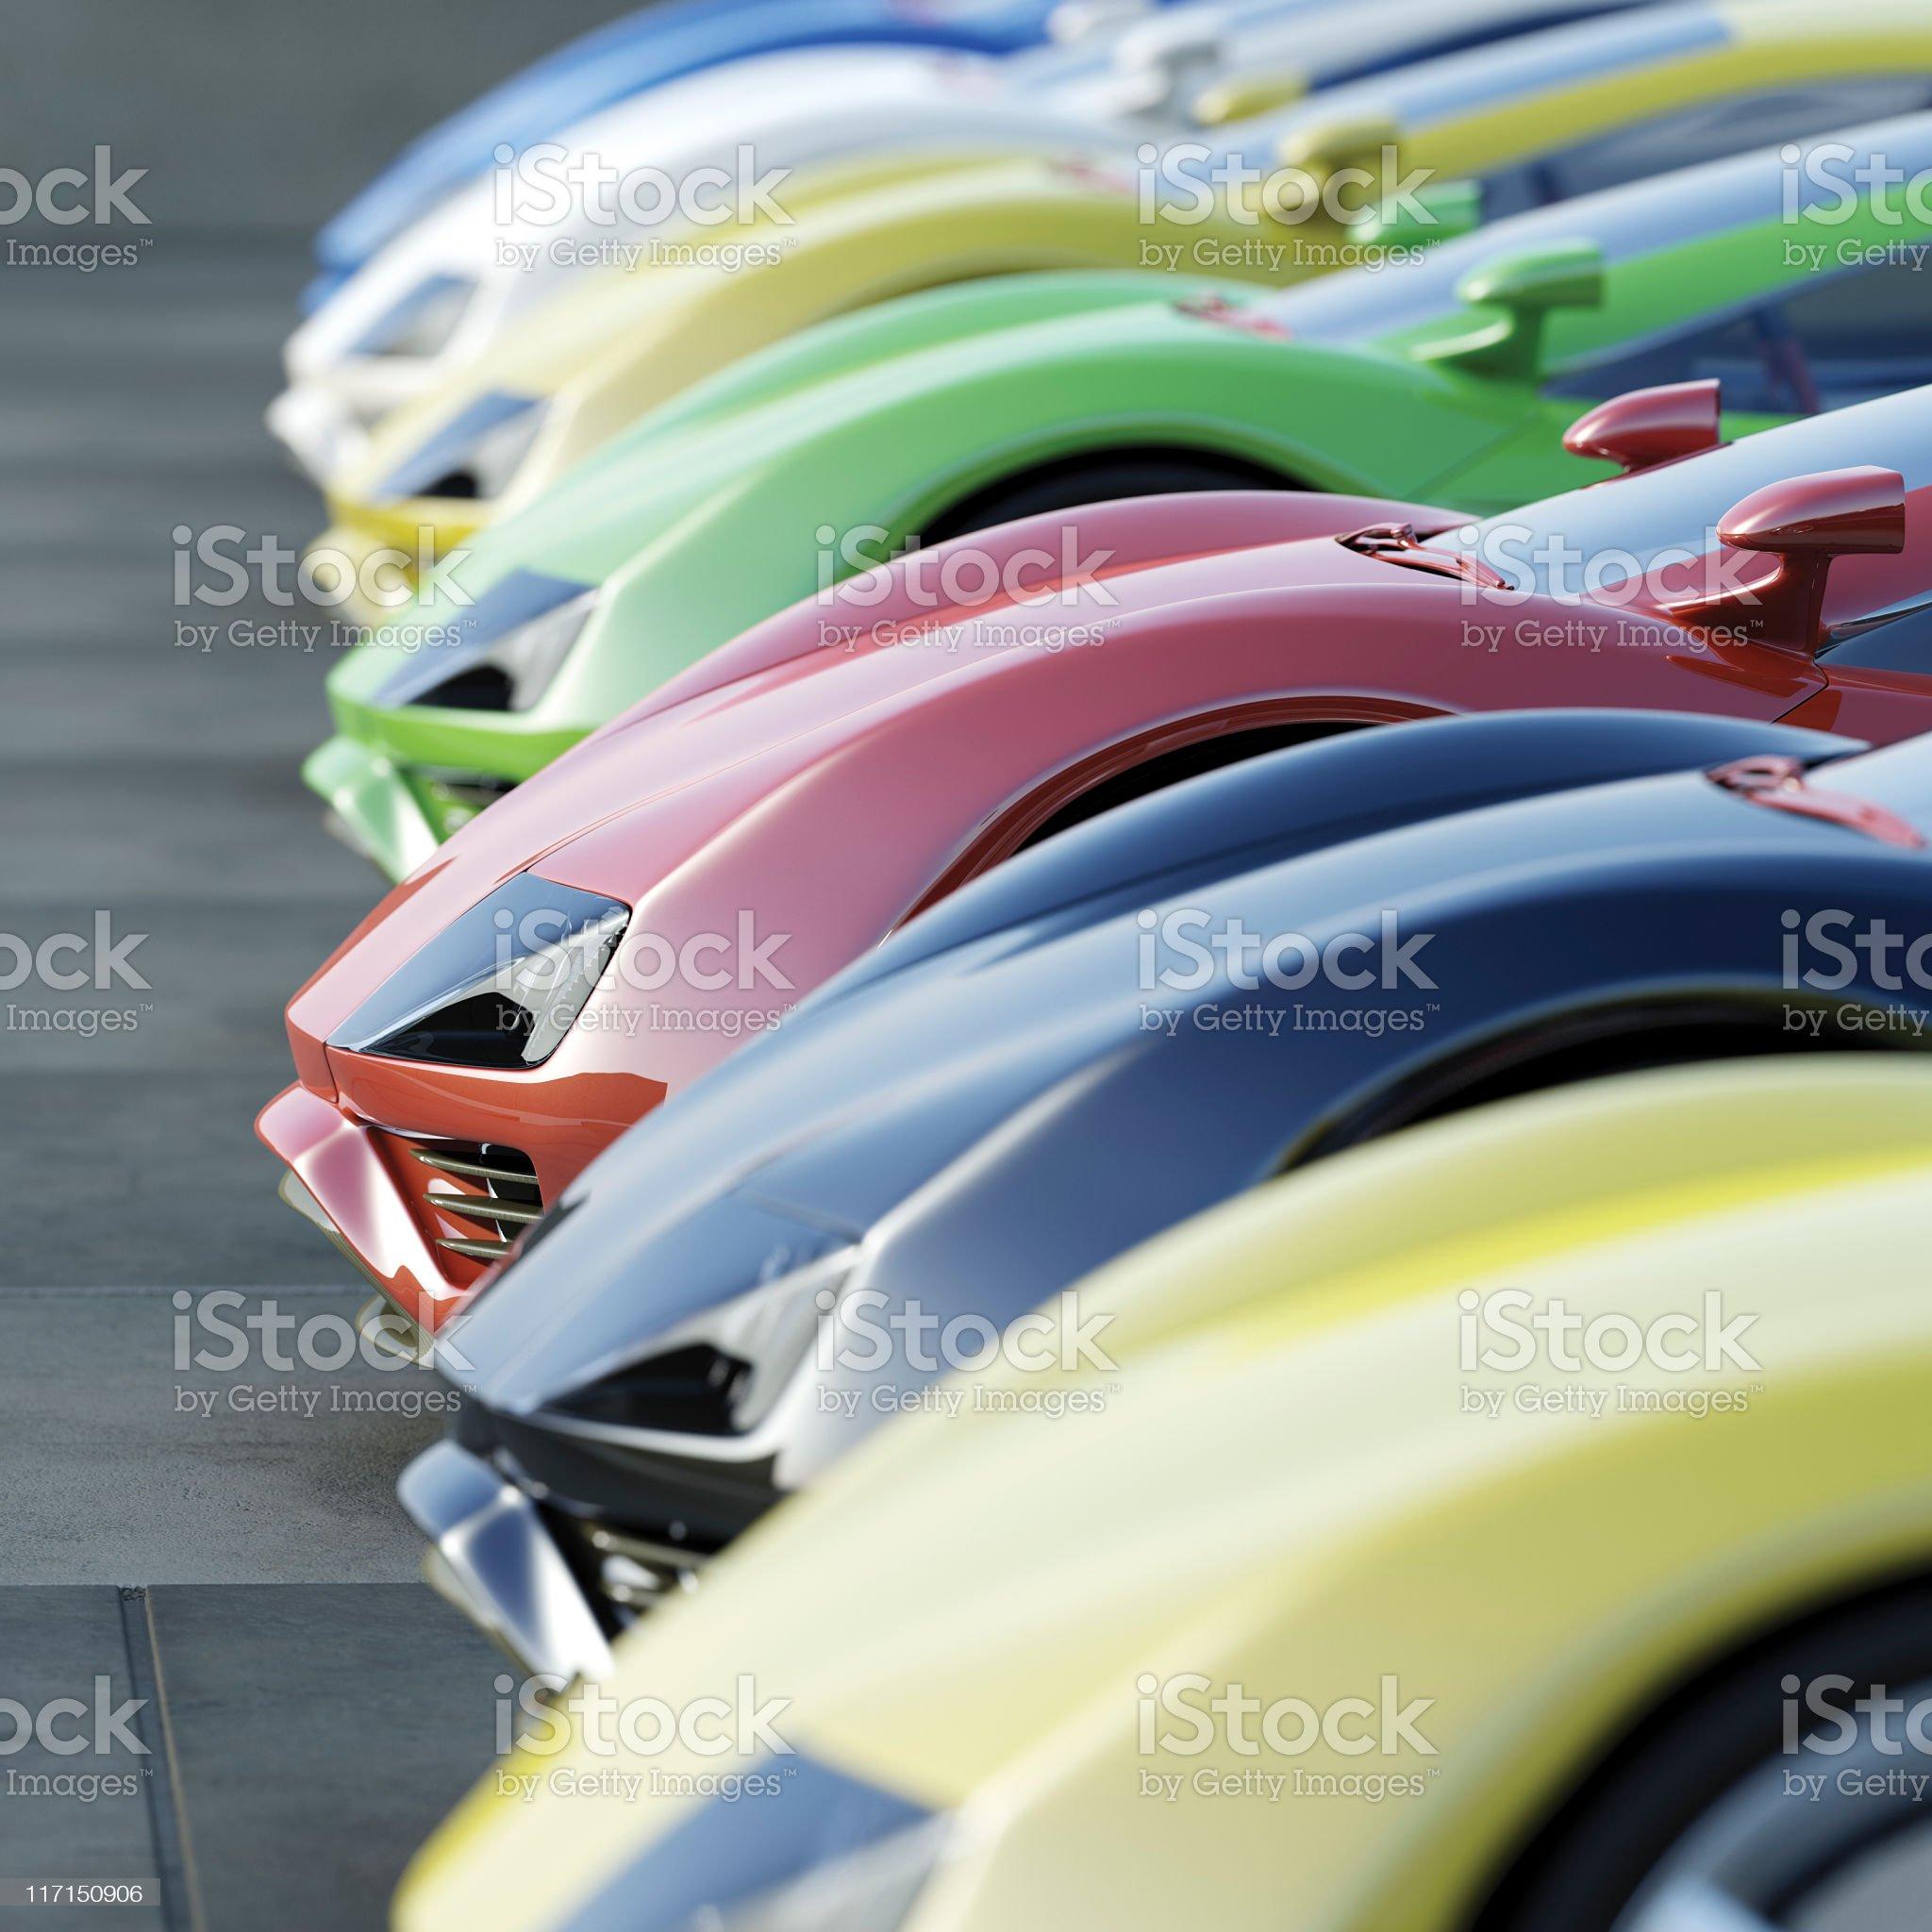 A variety of cars at a car dealership royalty-free stock photo